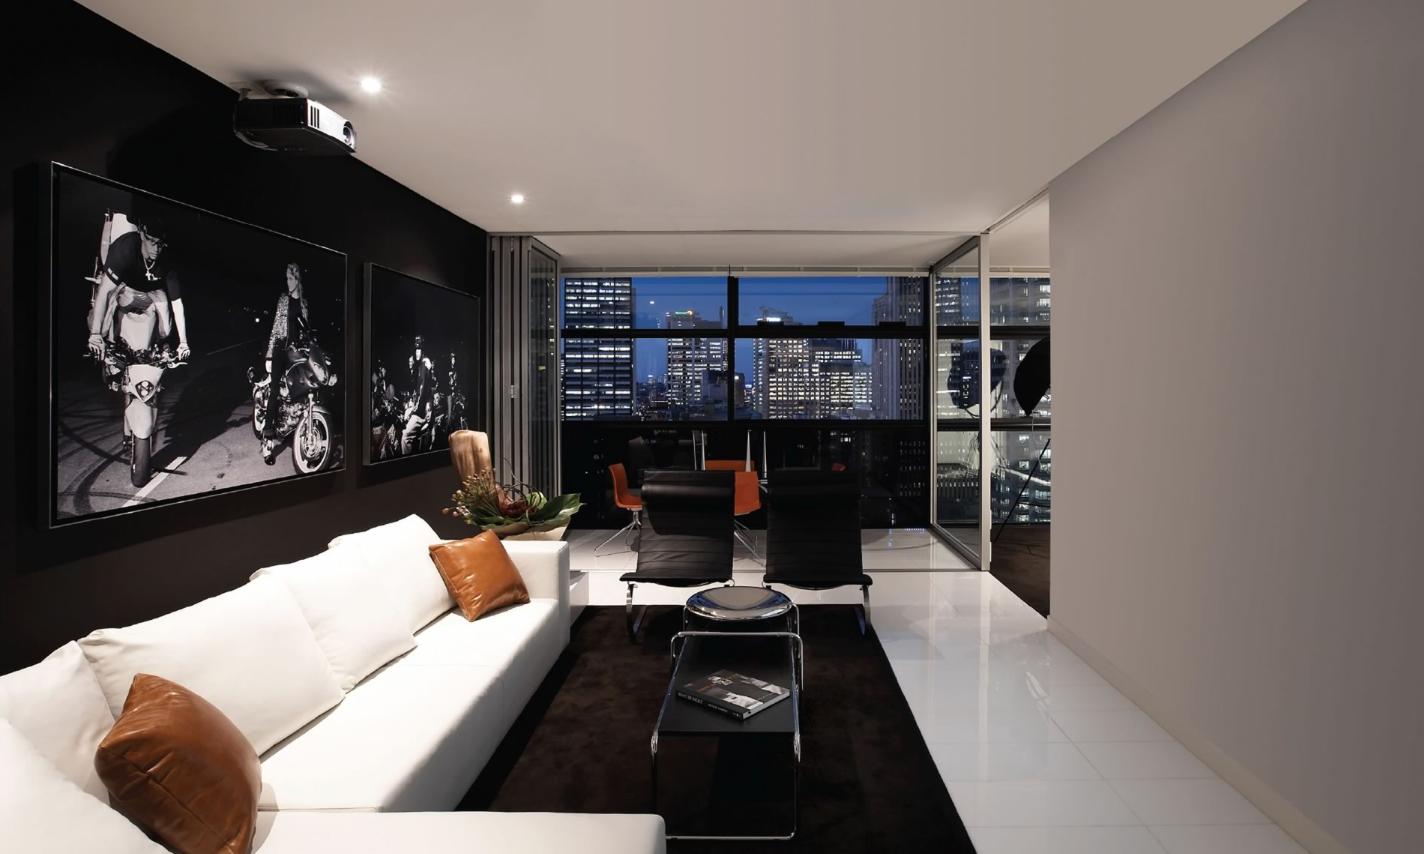 decoracao de apartamentos pequenos modernos:Decoracion De Apartamentos Modernos Pequenos